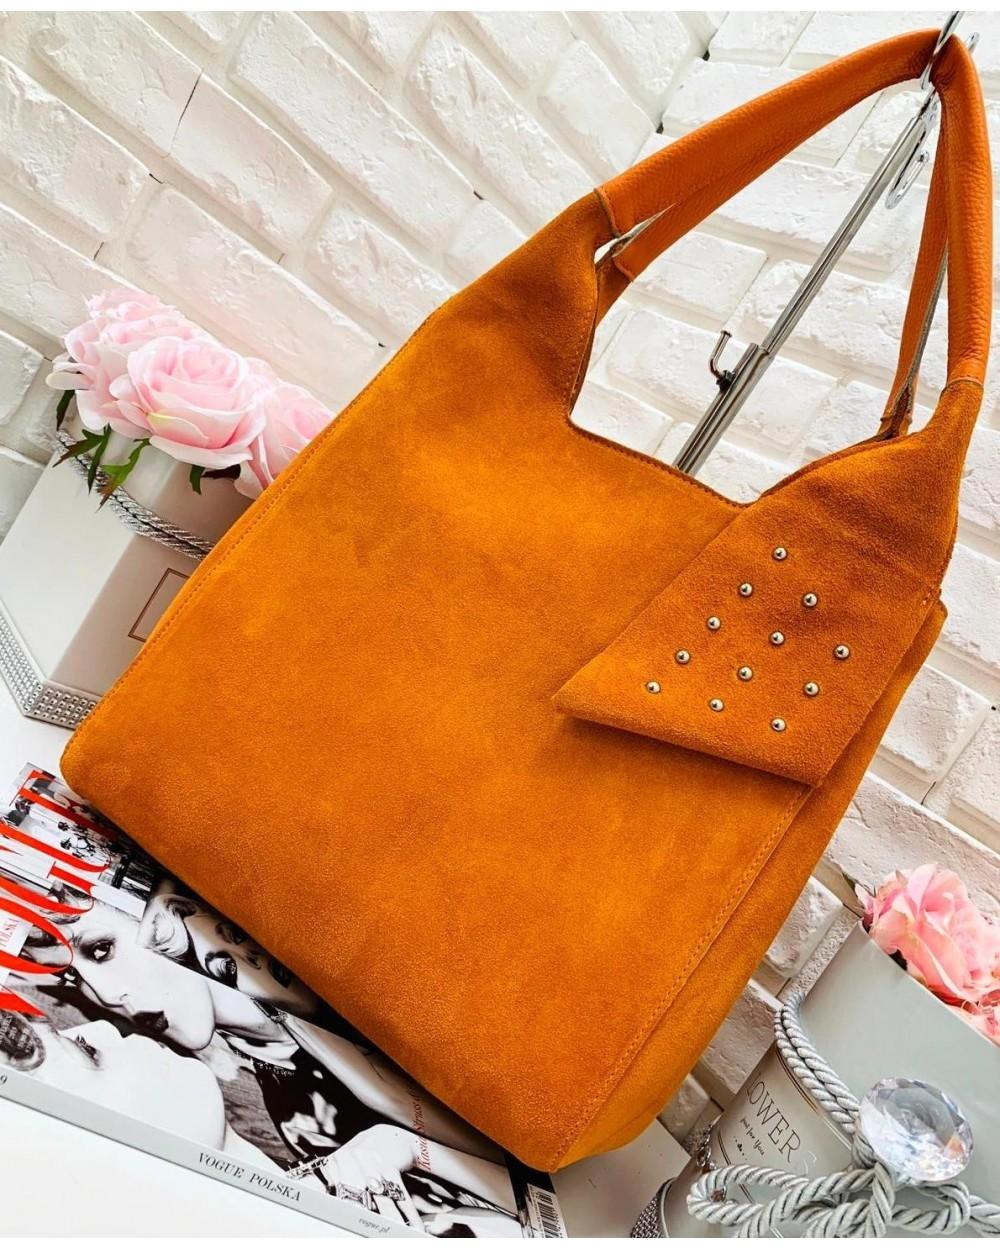 9064970a8eb21 Włoska torebka zamszowa vera pelle pomarańczowa - Sklep internetowy ...